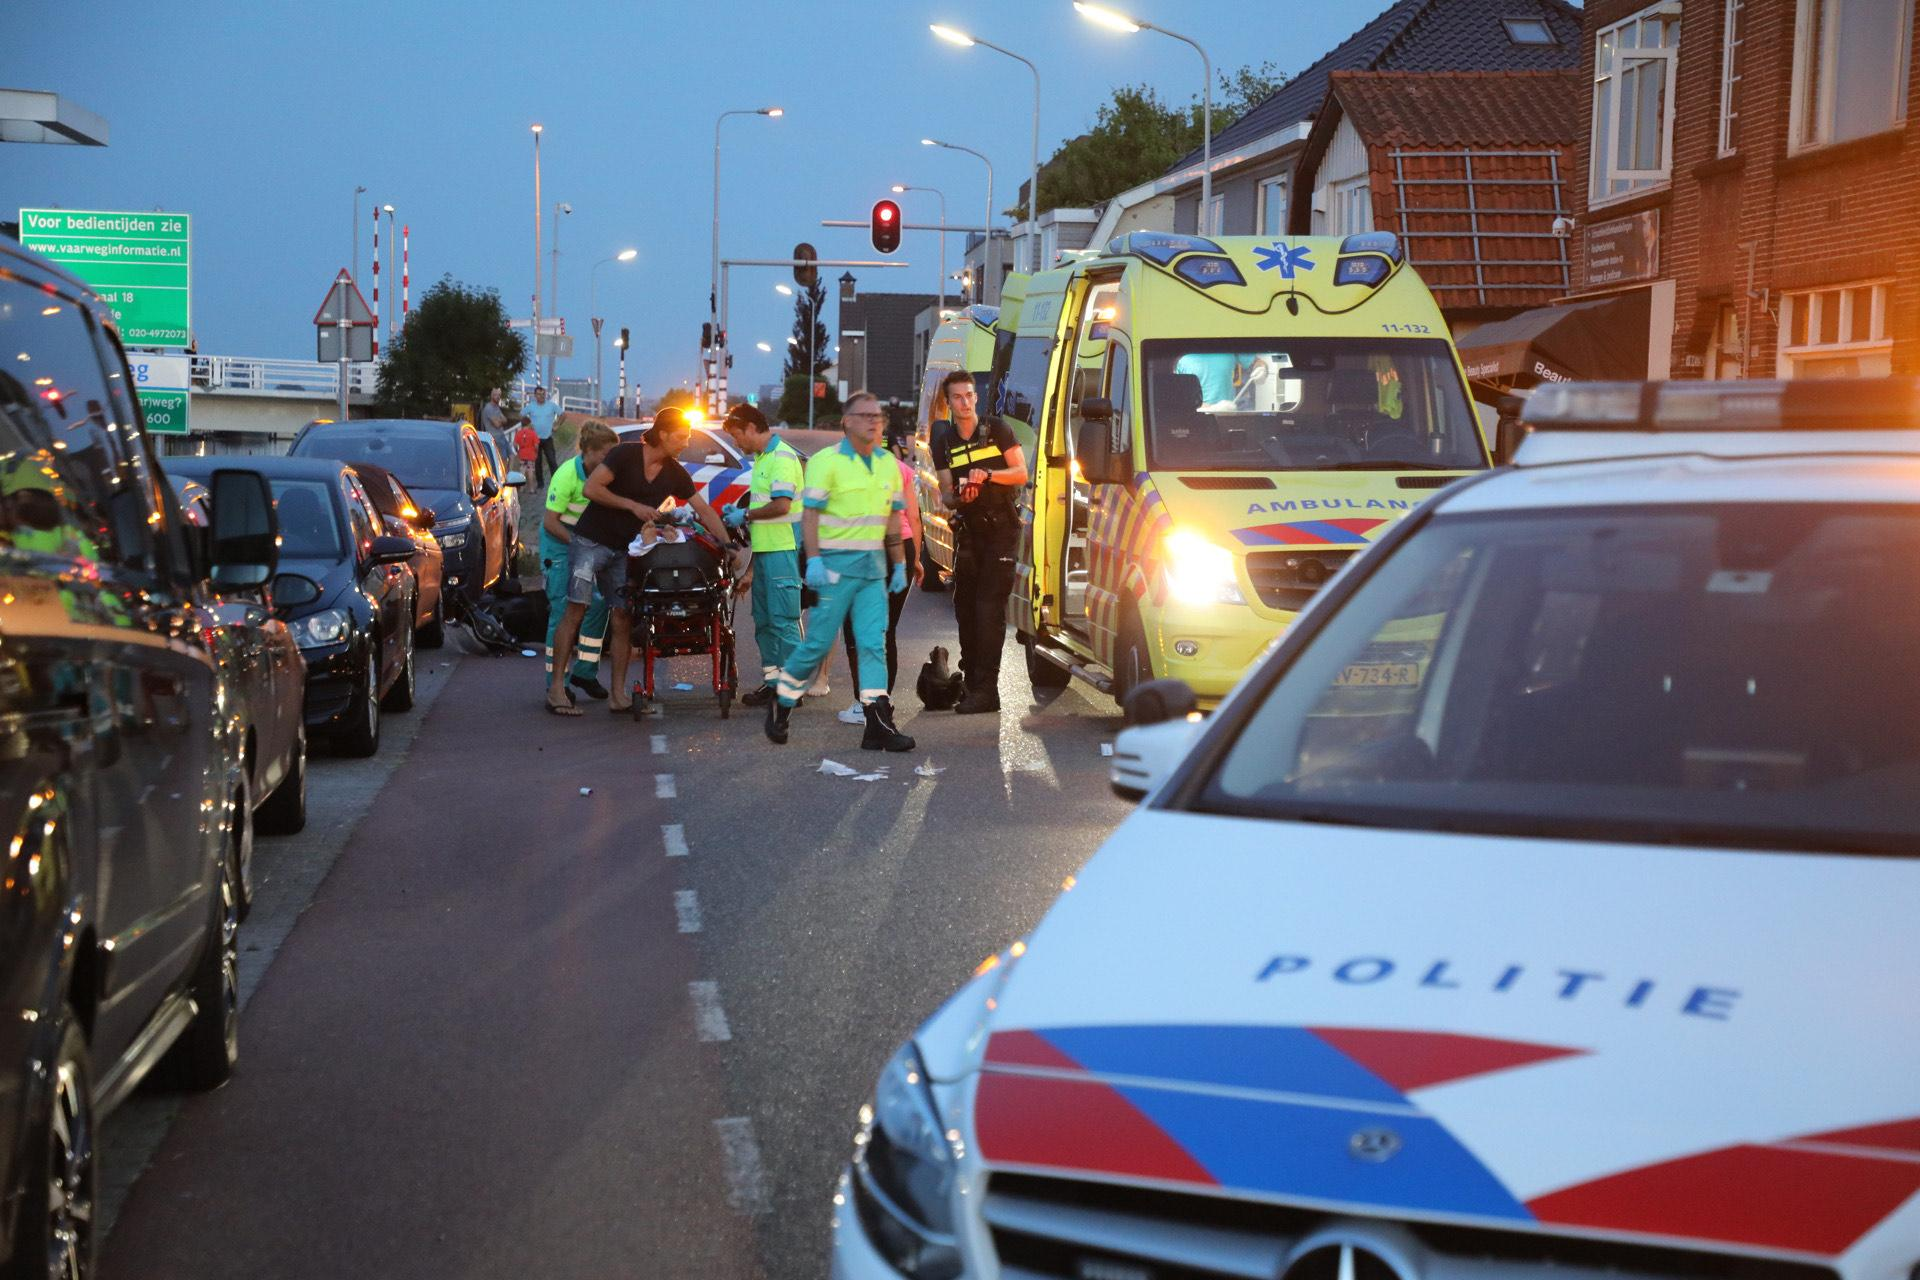 Scooterrijder ernstig gewond bij ongeval in Zwanenburg